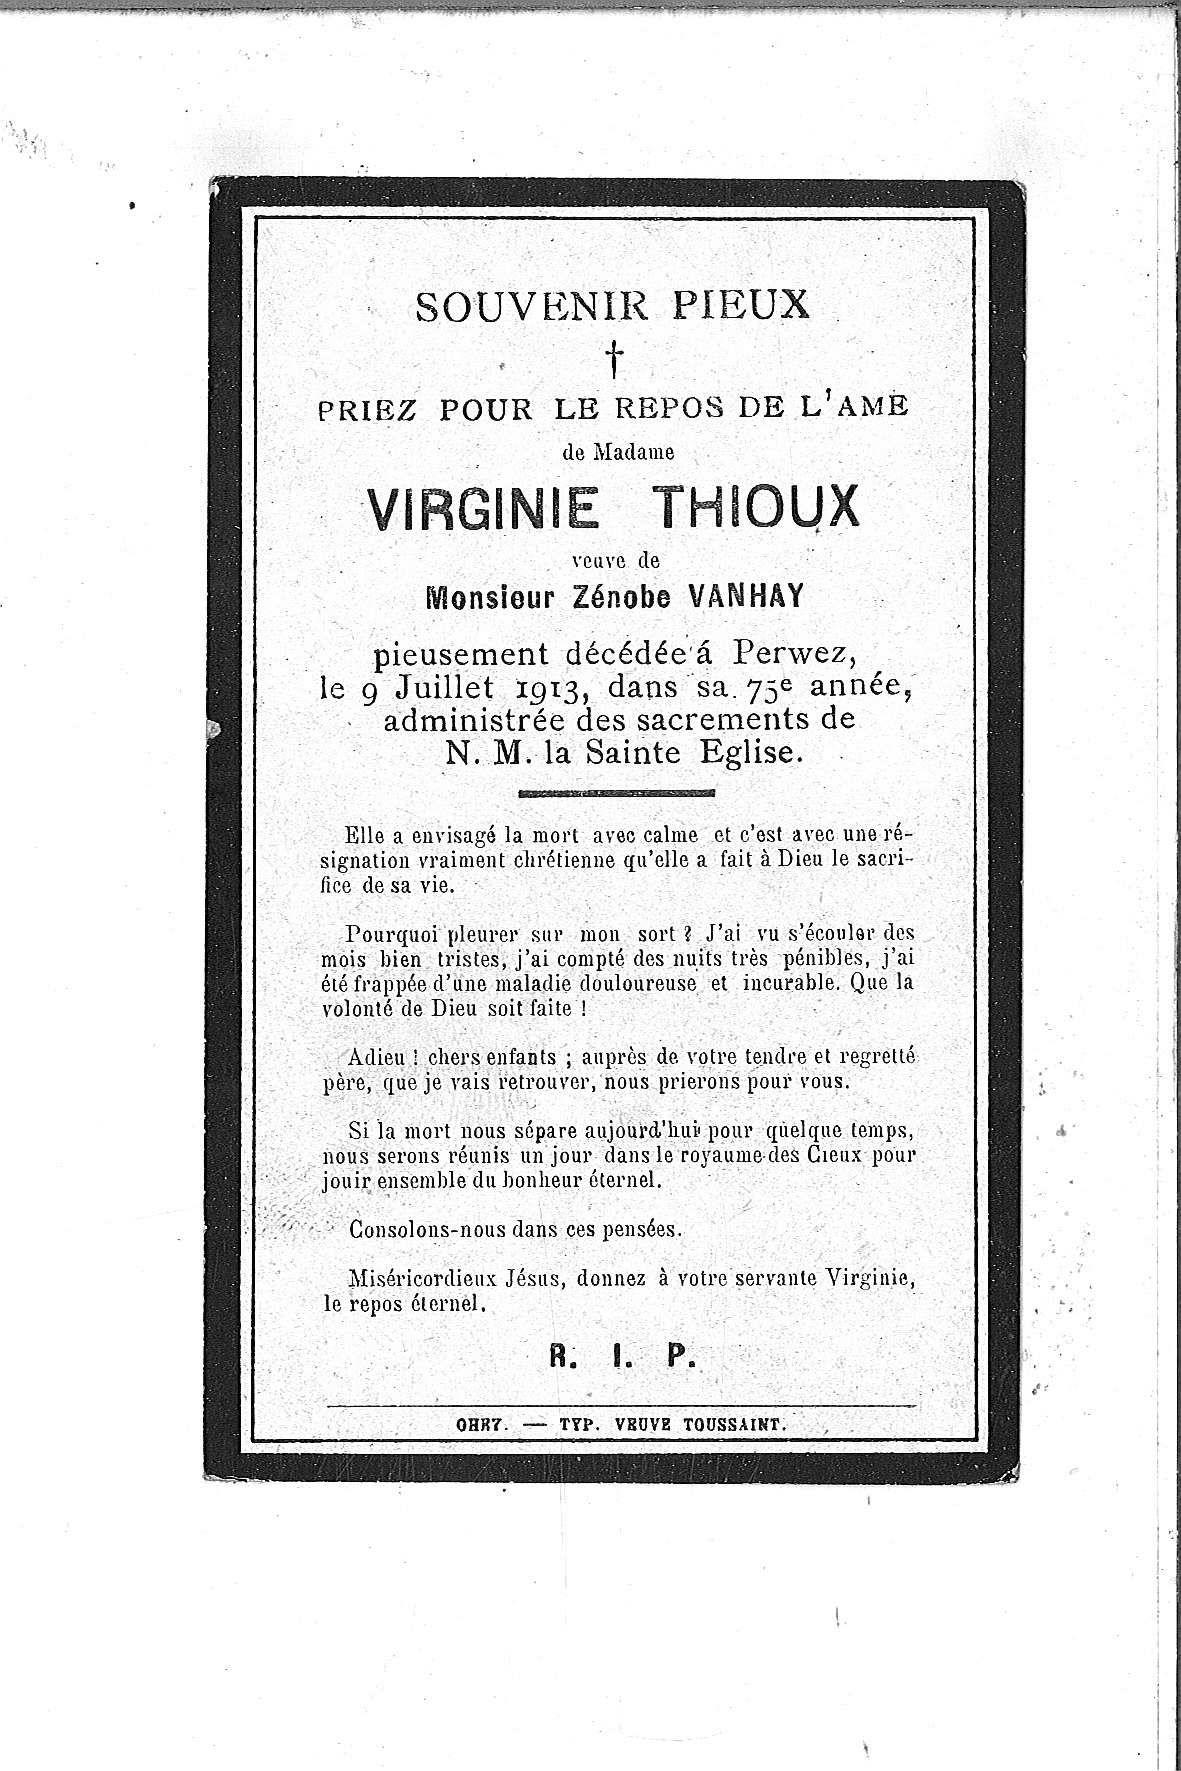 Virginie(1913)20140825083222_00154.jpg